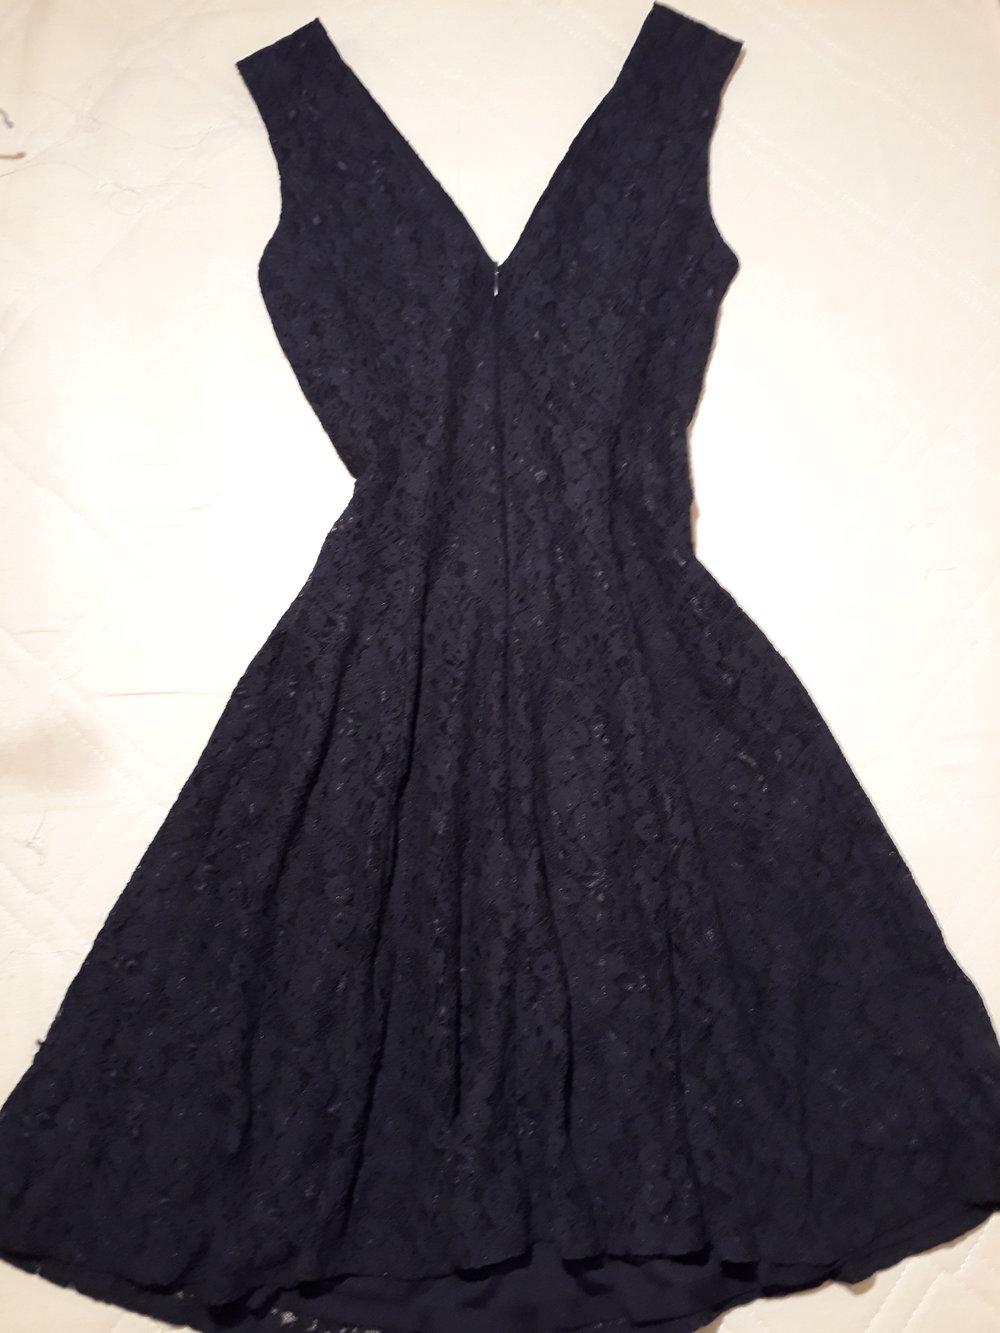 save off bb9c2 0d55d dunkelblaues Kleid aus Spitze, Esprit